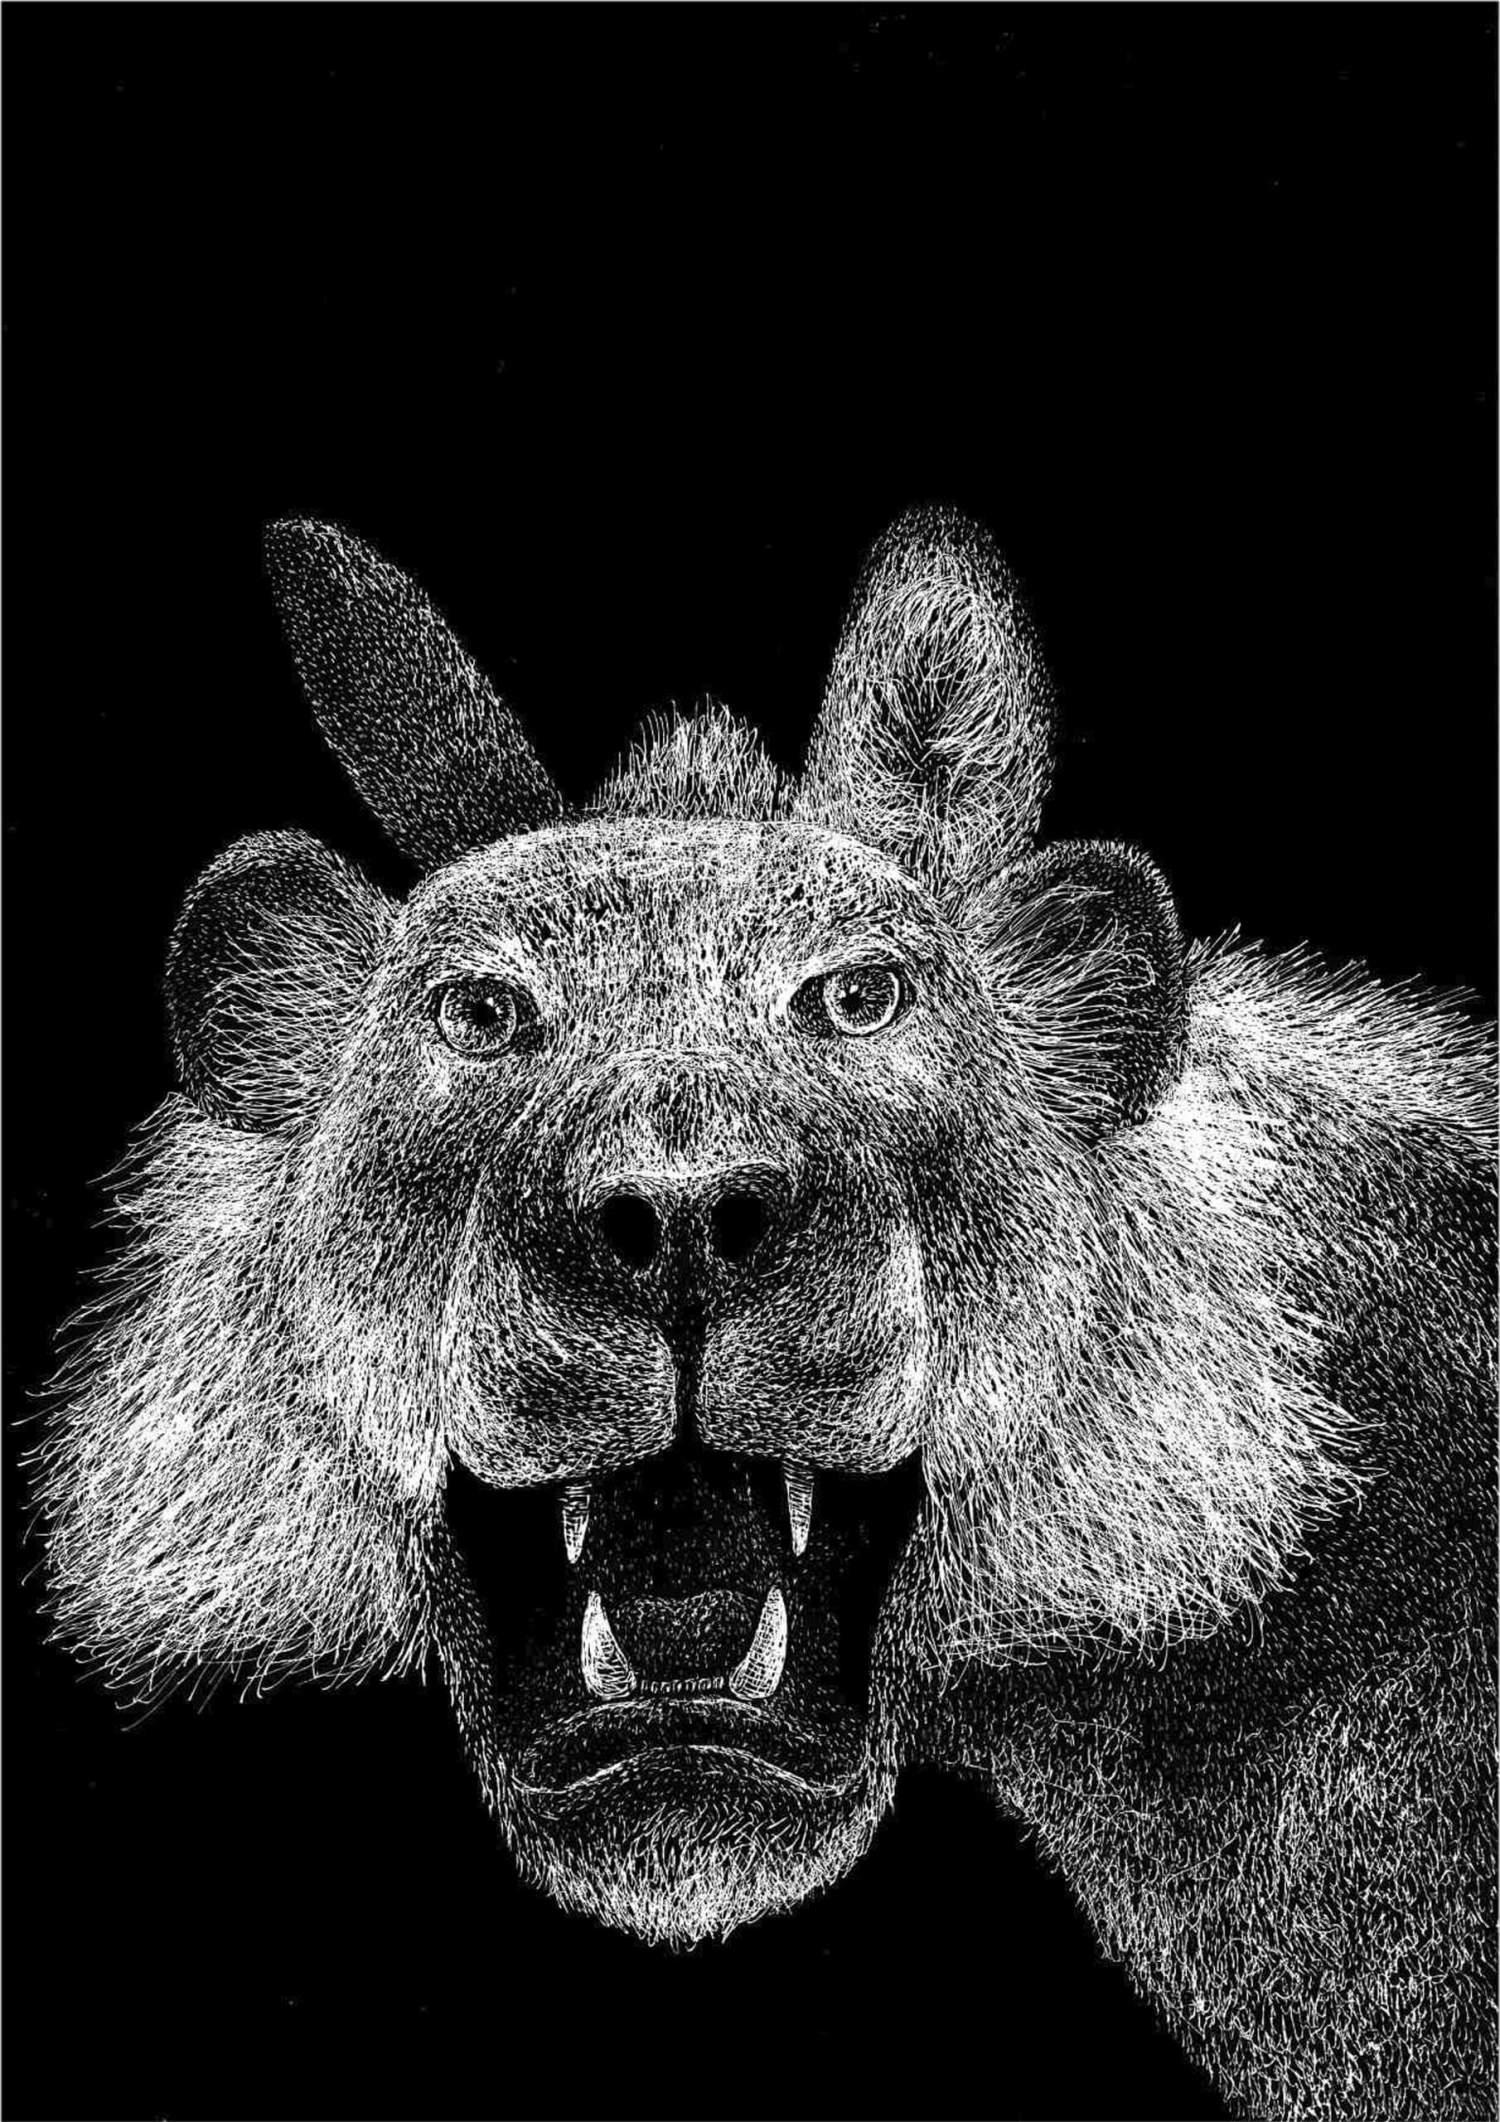 L'asino vestito della pelle di leone - Lia Mariani